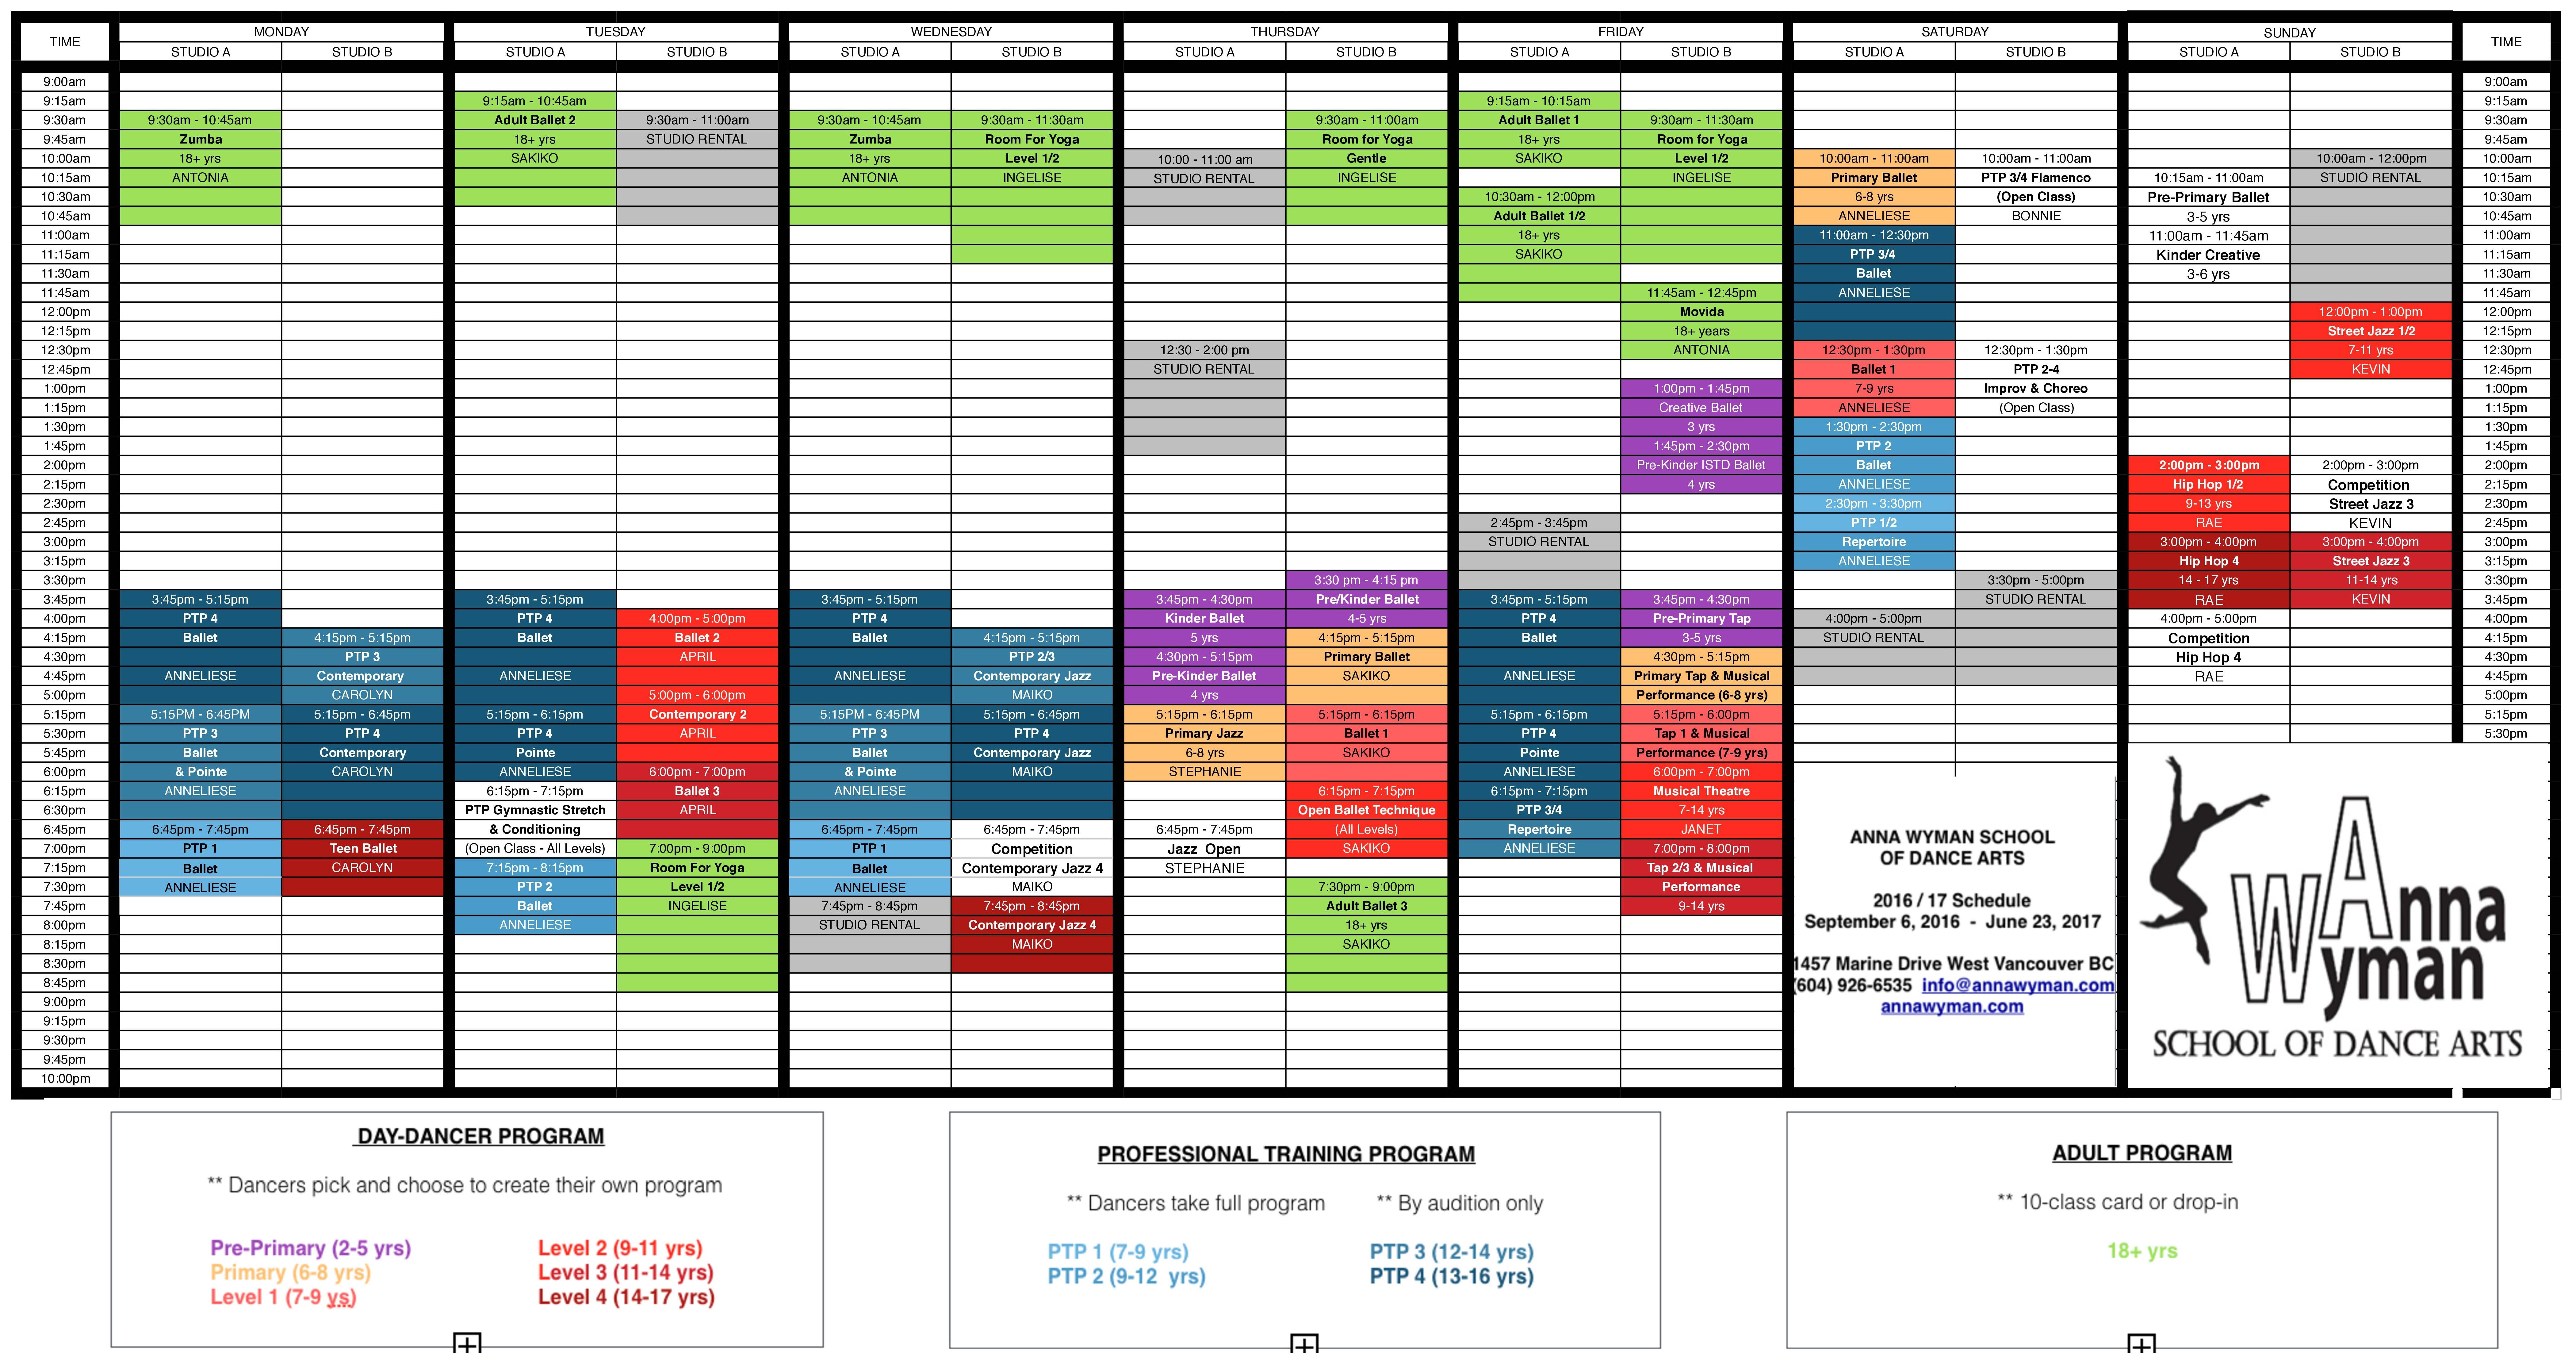 2016-17 schedule-1.jpg